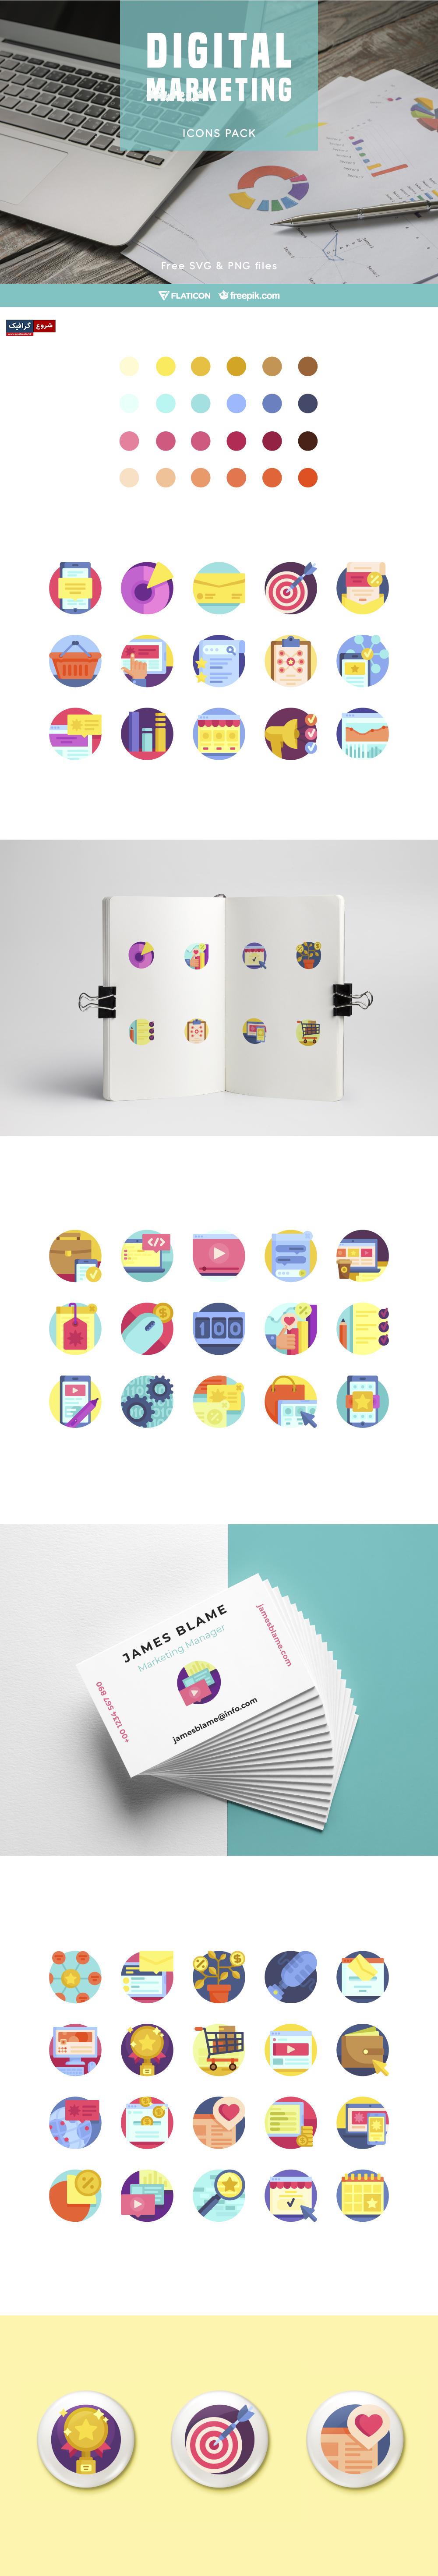 دانلود مجموعه آیکون دیجیتال مارکتینگ (شماره 7)